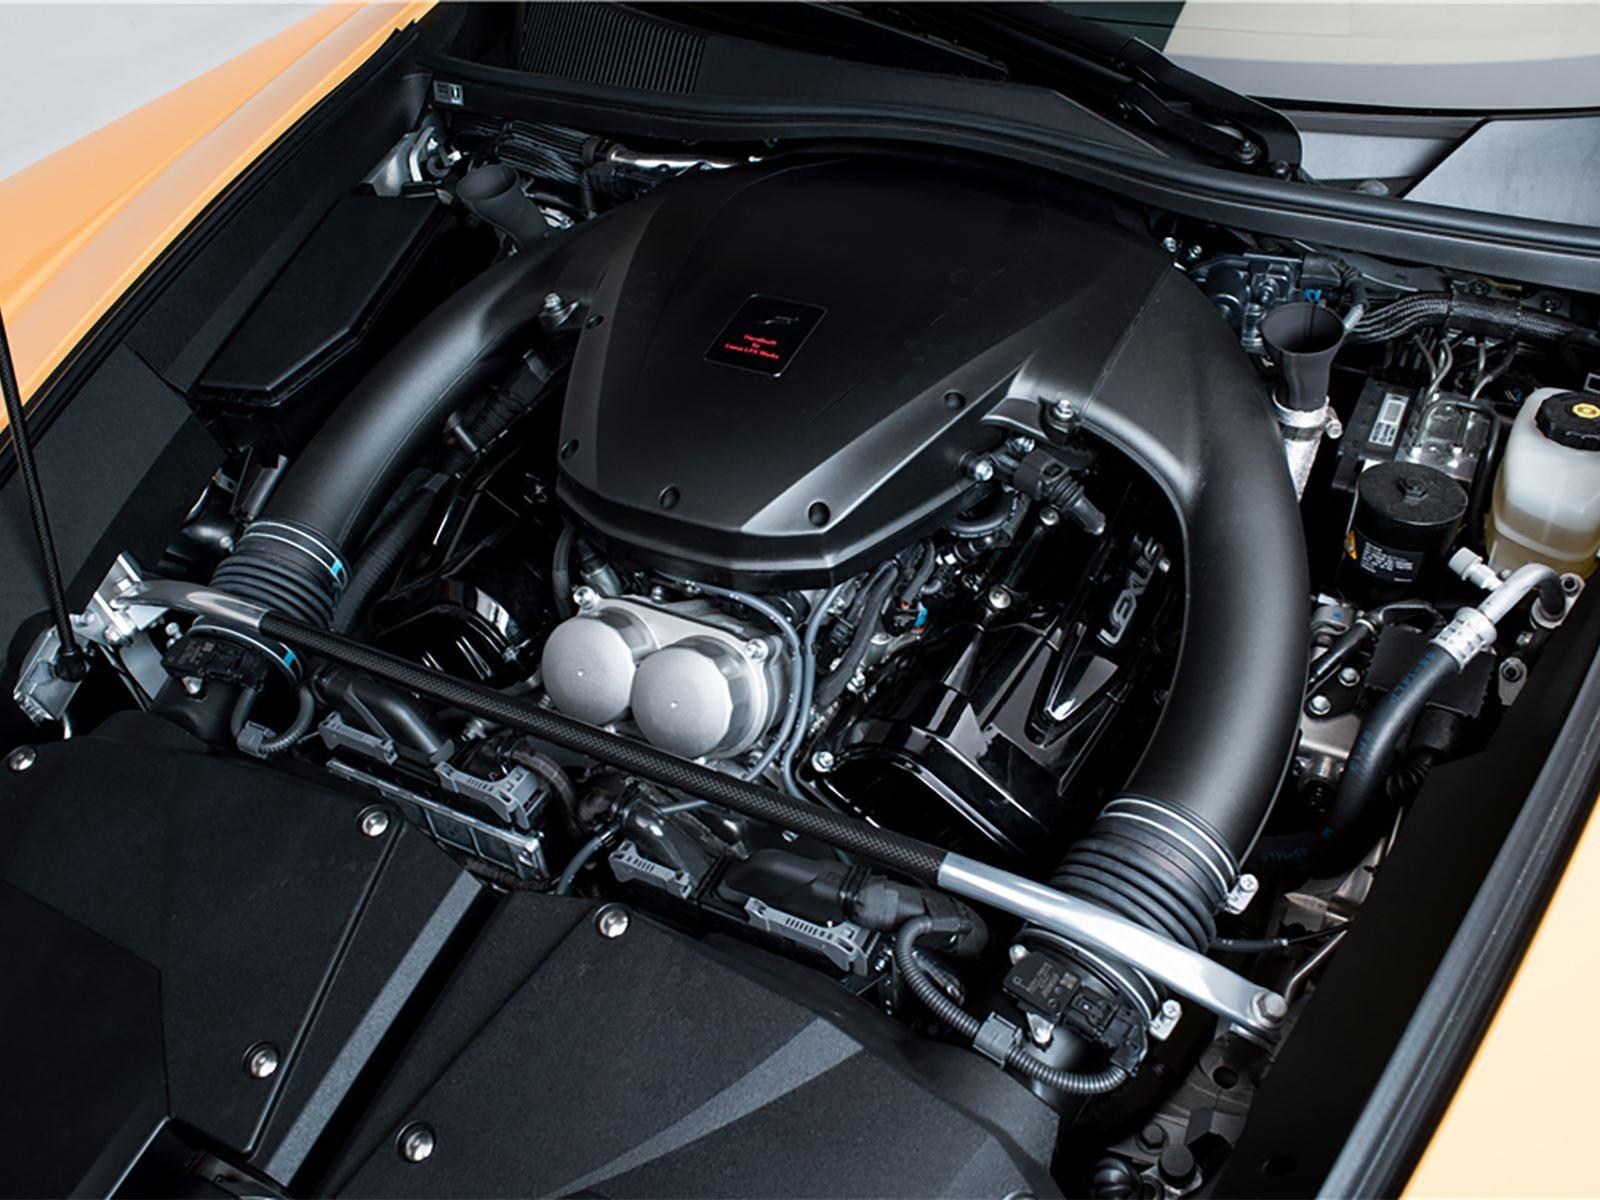 Спортивная подвеска, цепкие шины и специальные диски дополнительно отличают Nurburgring Edition.